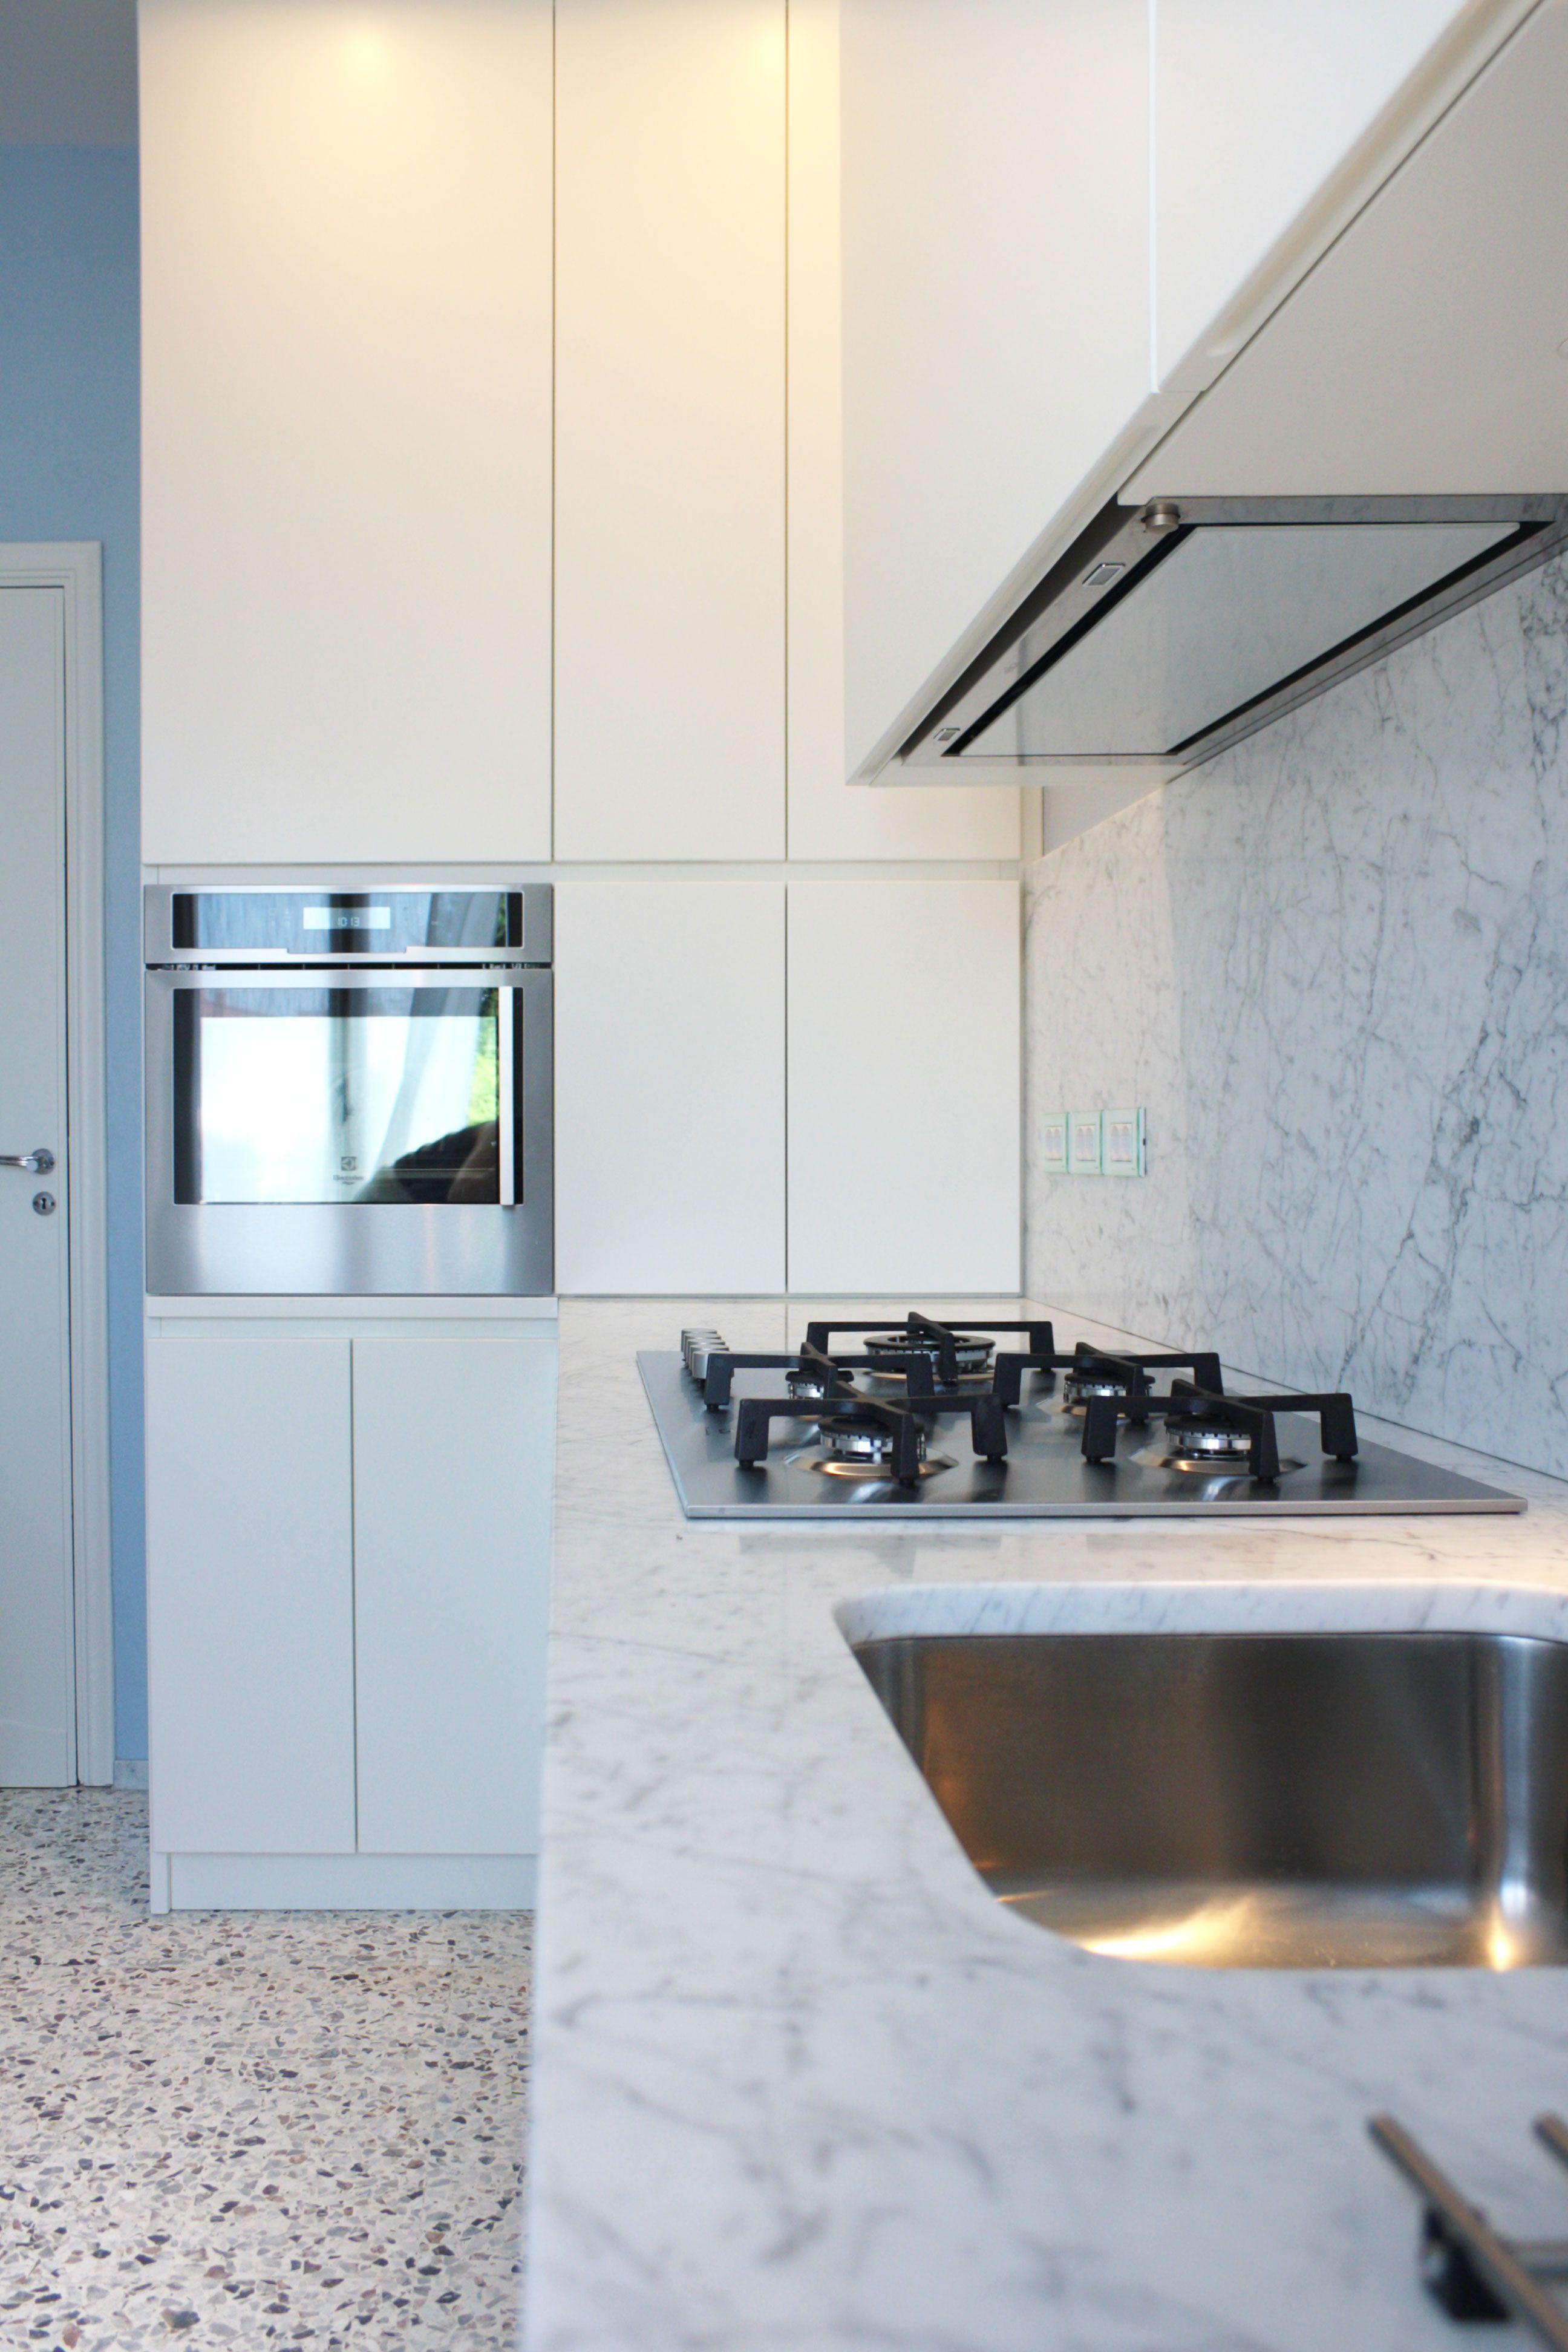 Nuova cucina in legno laccato bianco opaco top e alzata in marmo bianco carrara la - Cucina laccato bianco ...